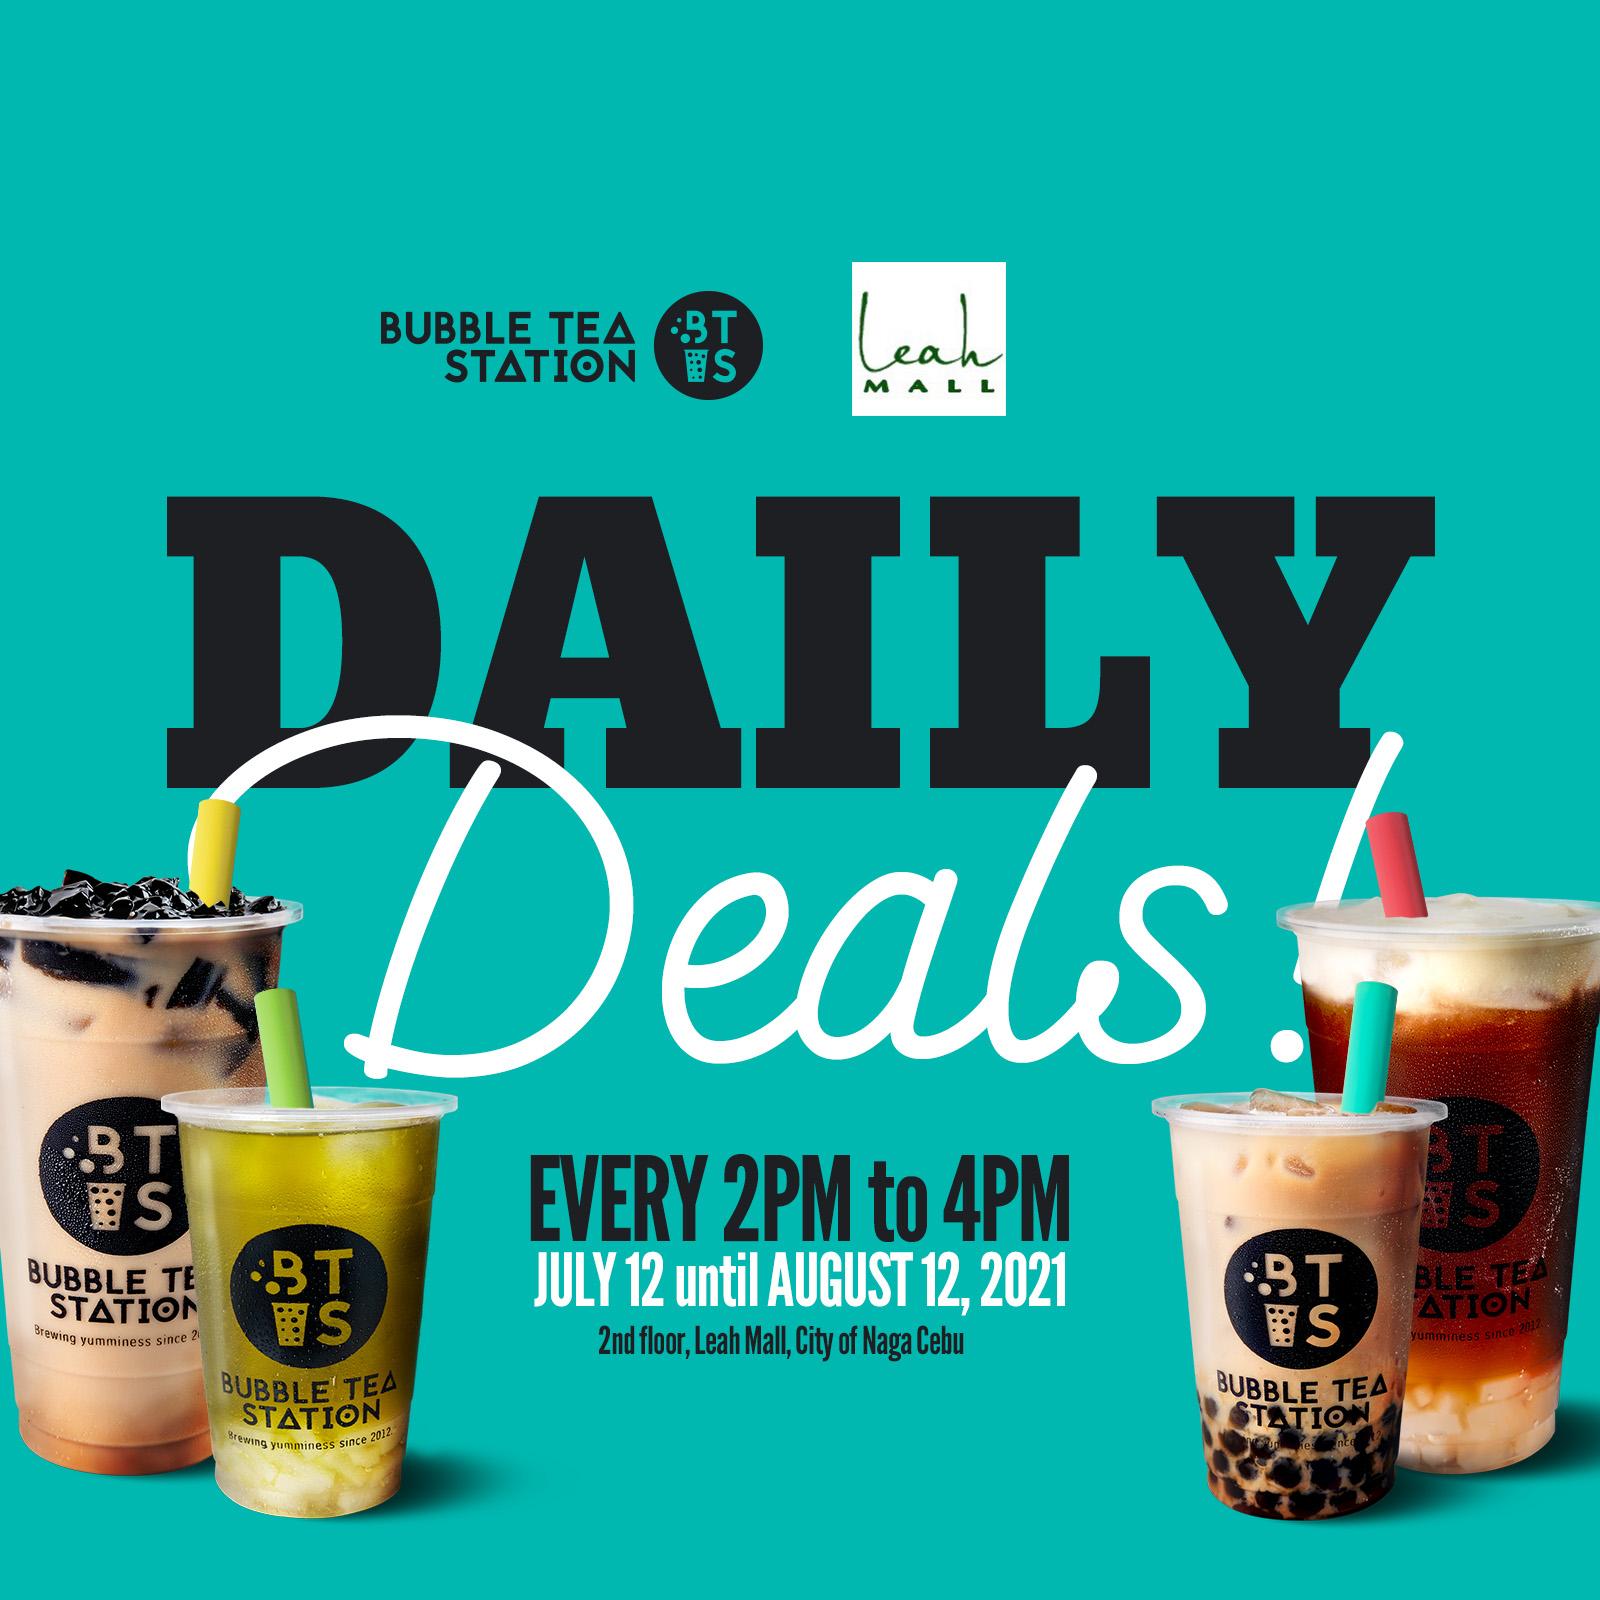 Bubble Tea Station Daily Deals Promo